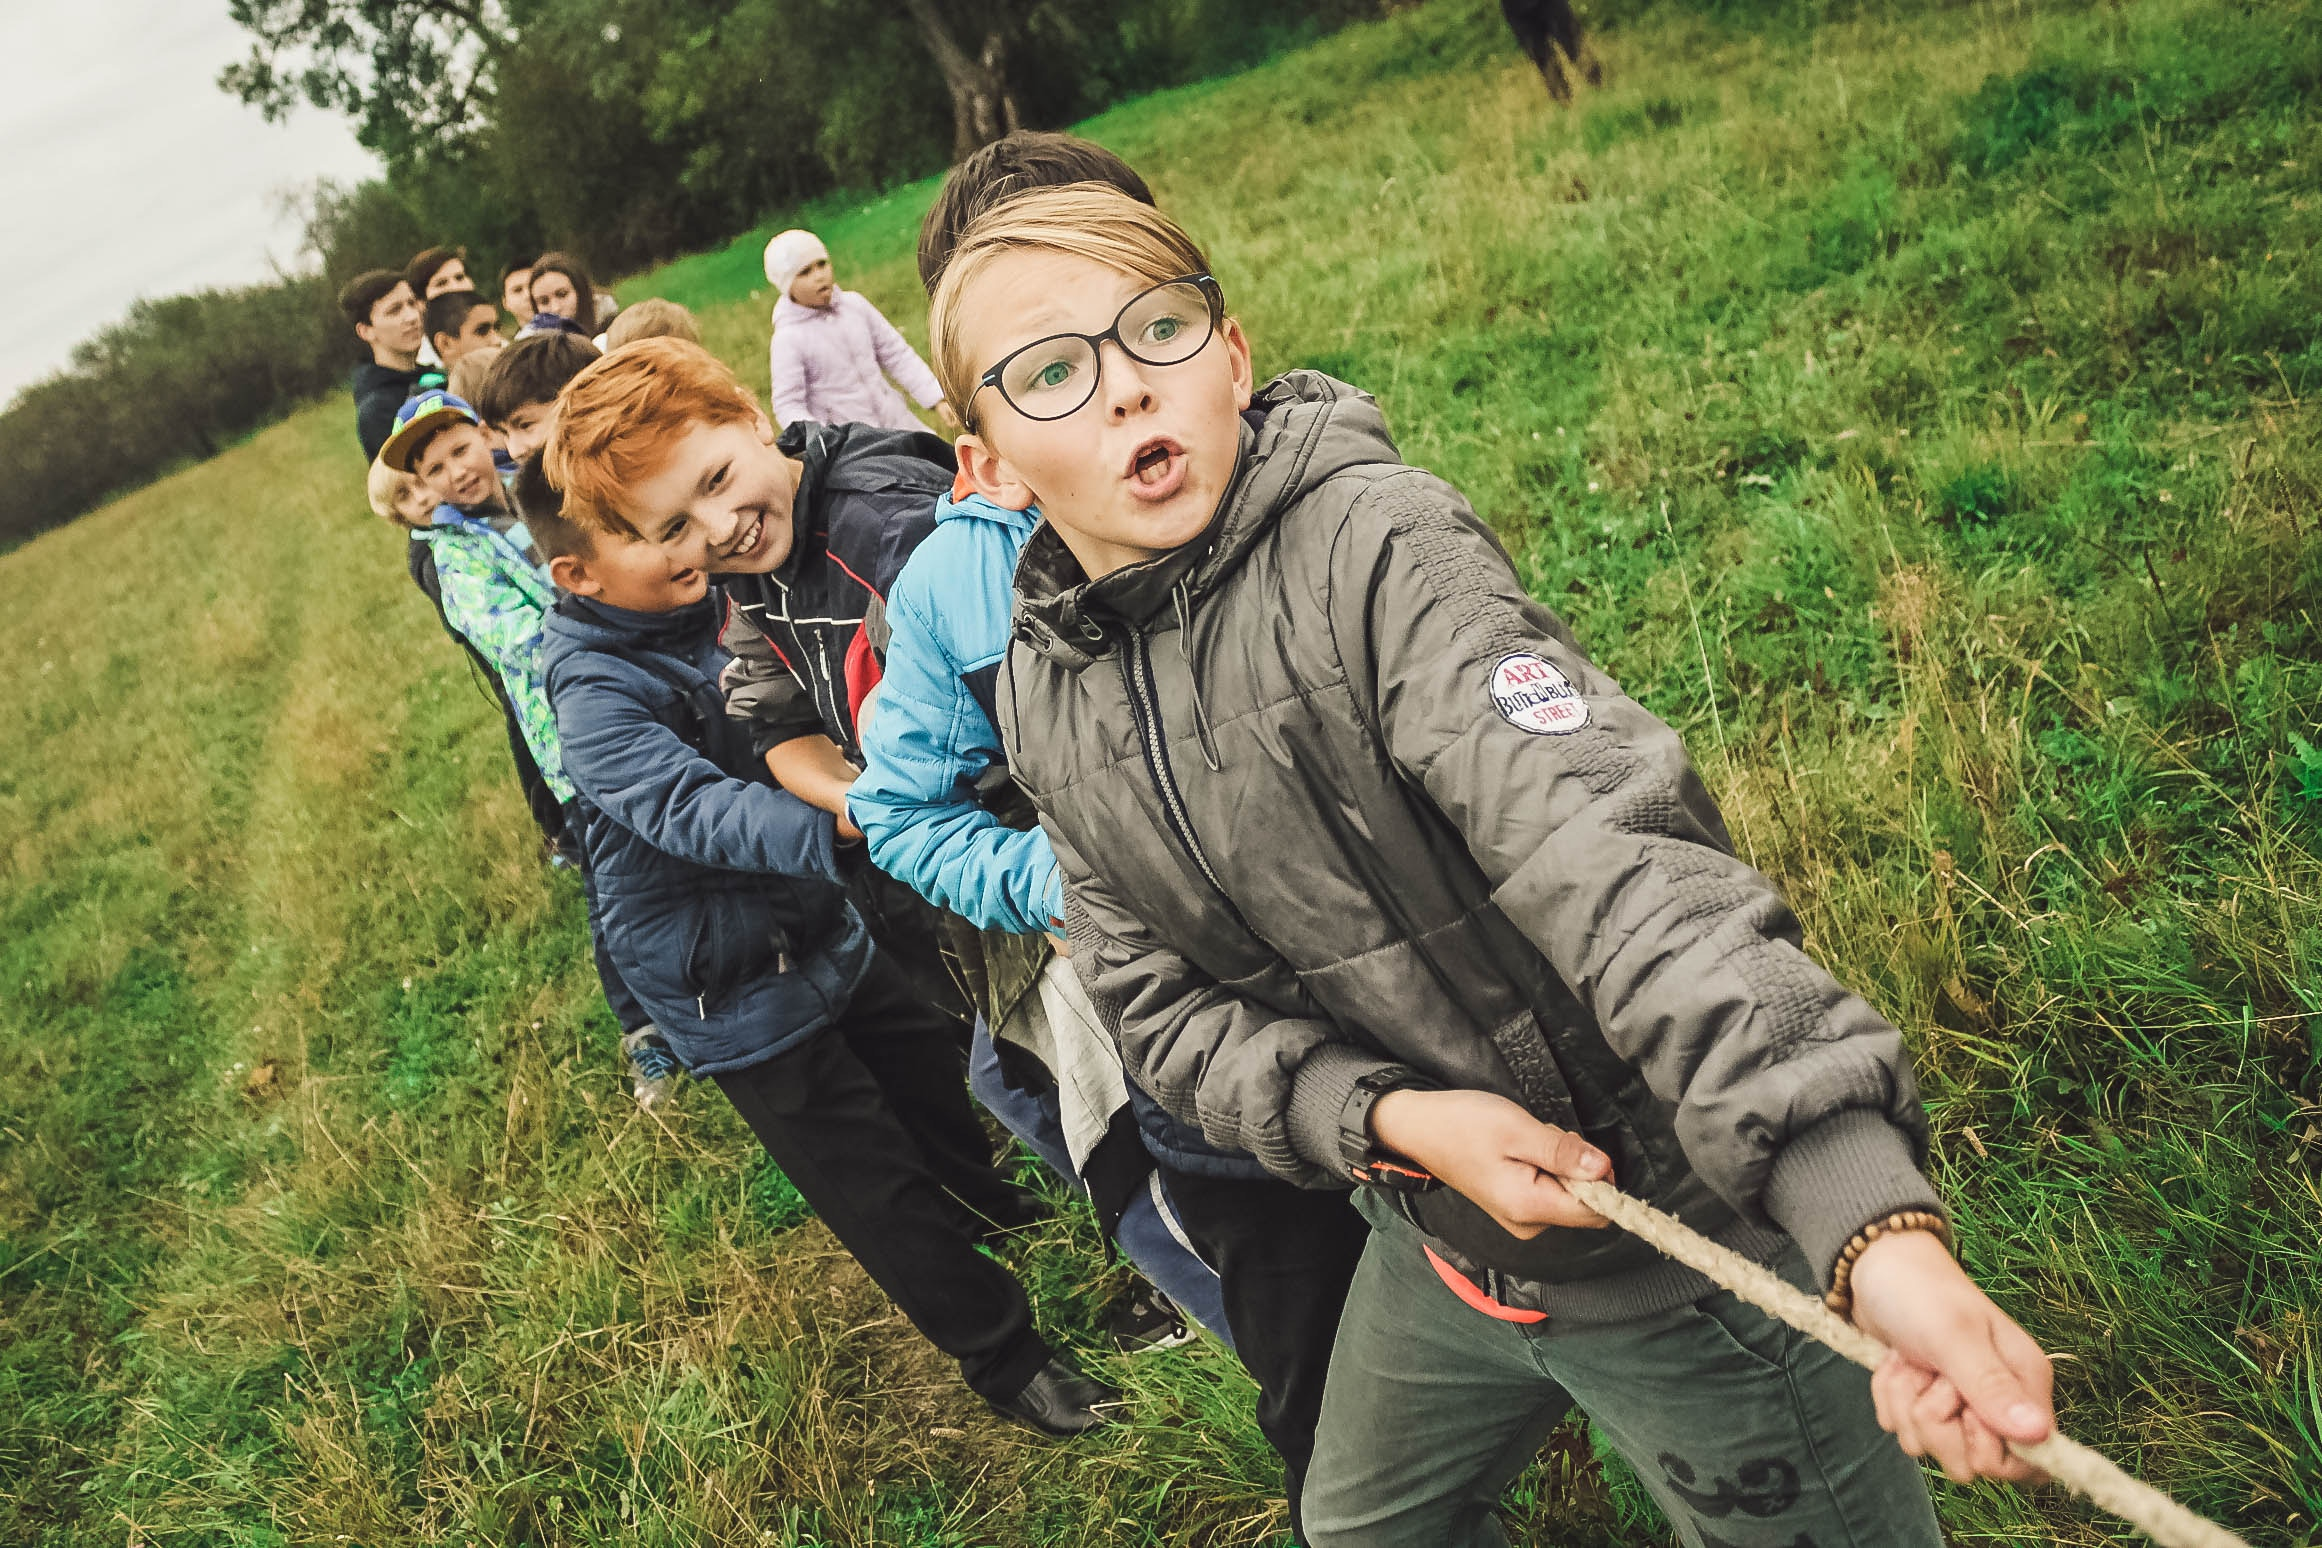 Doelgroep ouderen komt te vervallen. Doelgroep jeugd wordt gecontinueerd en uitgebreid.